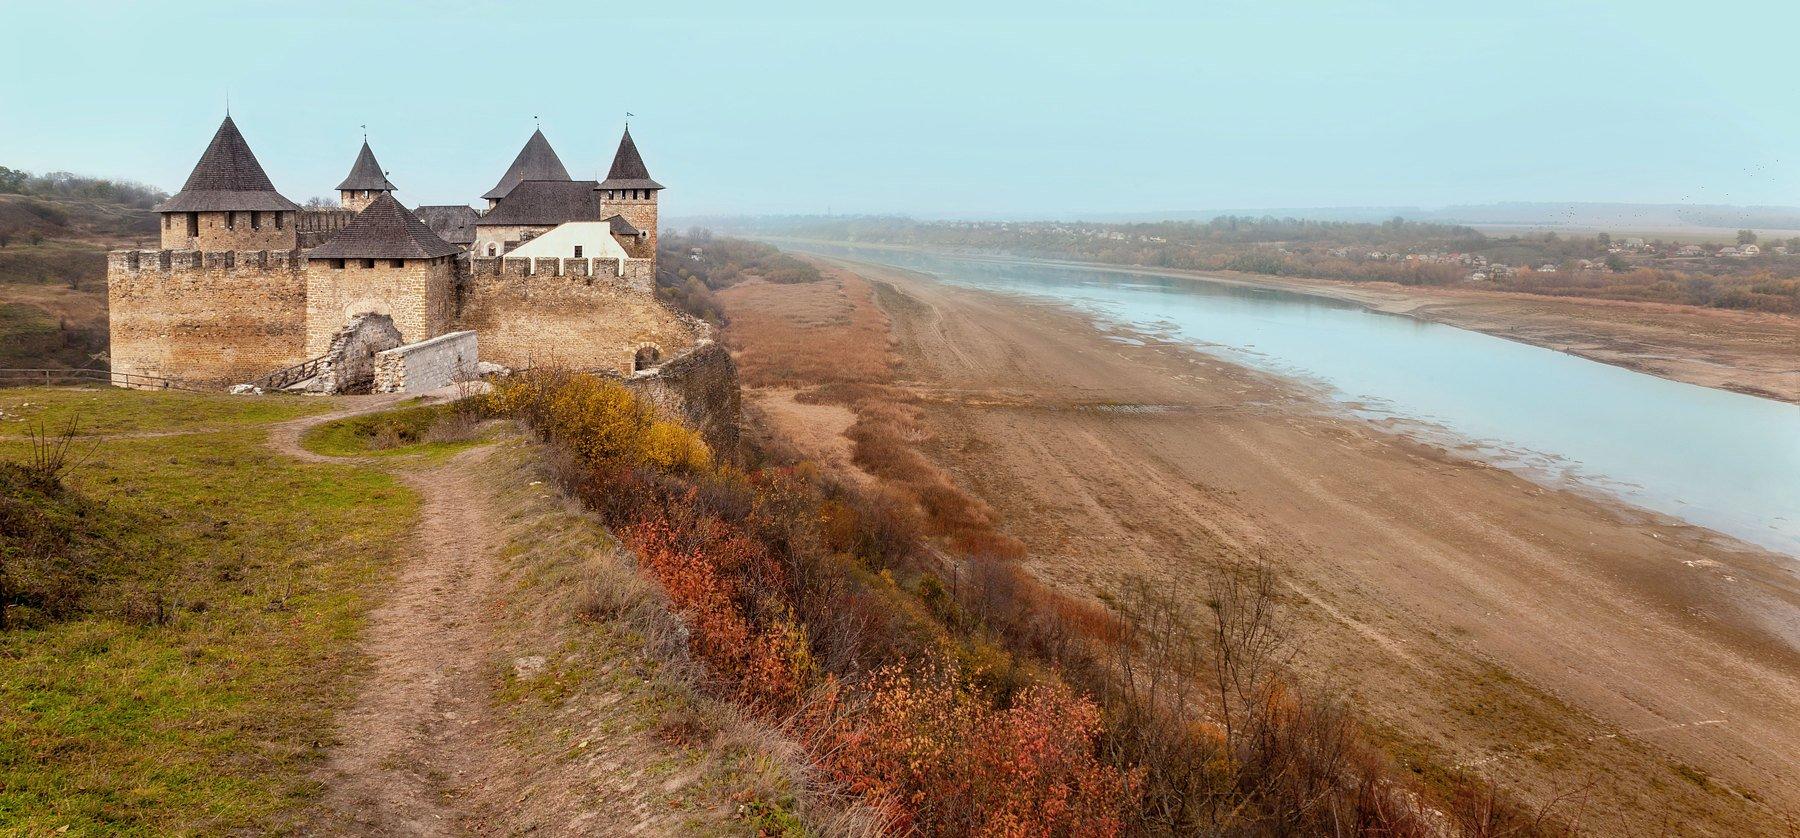 Днестр, Замок, Осень, Птицы, Река, Туман, Хотин, Андрей Кобыща